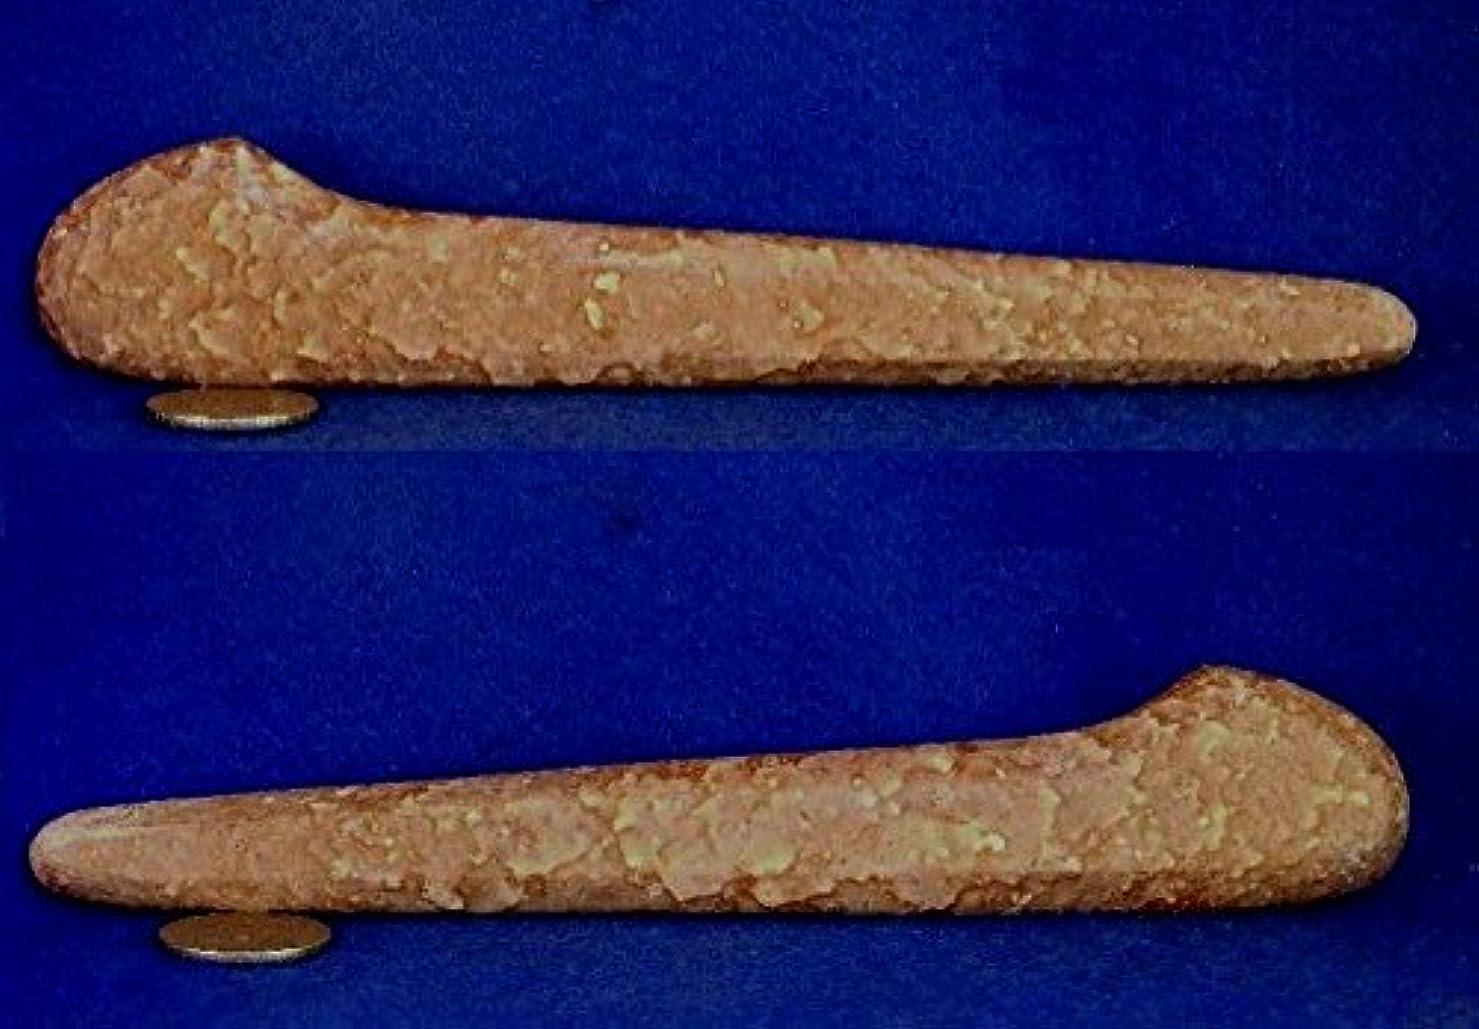 くま抑制するタオル姫川薬石 虎模様 手造りかっさ&ツボ押し棒型 182mm120g